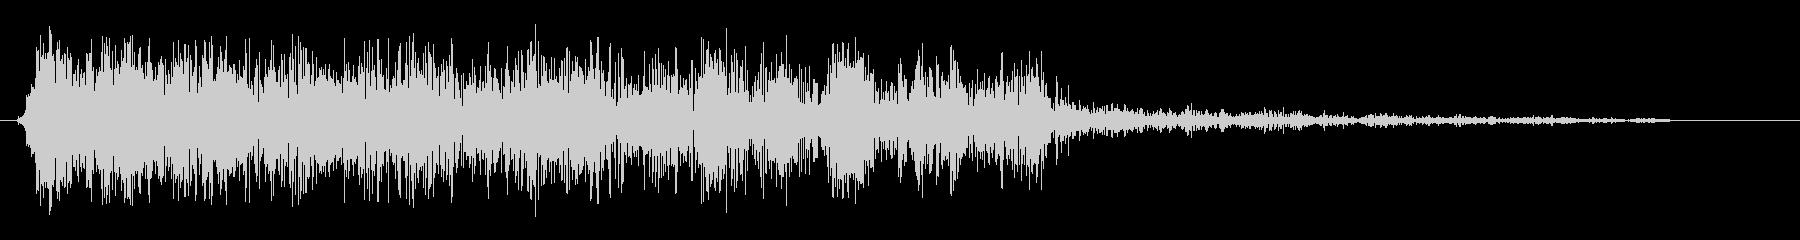 アバァーッ(怪物が吠えるような歪んだ音)の未再生の波形